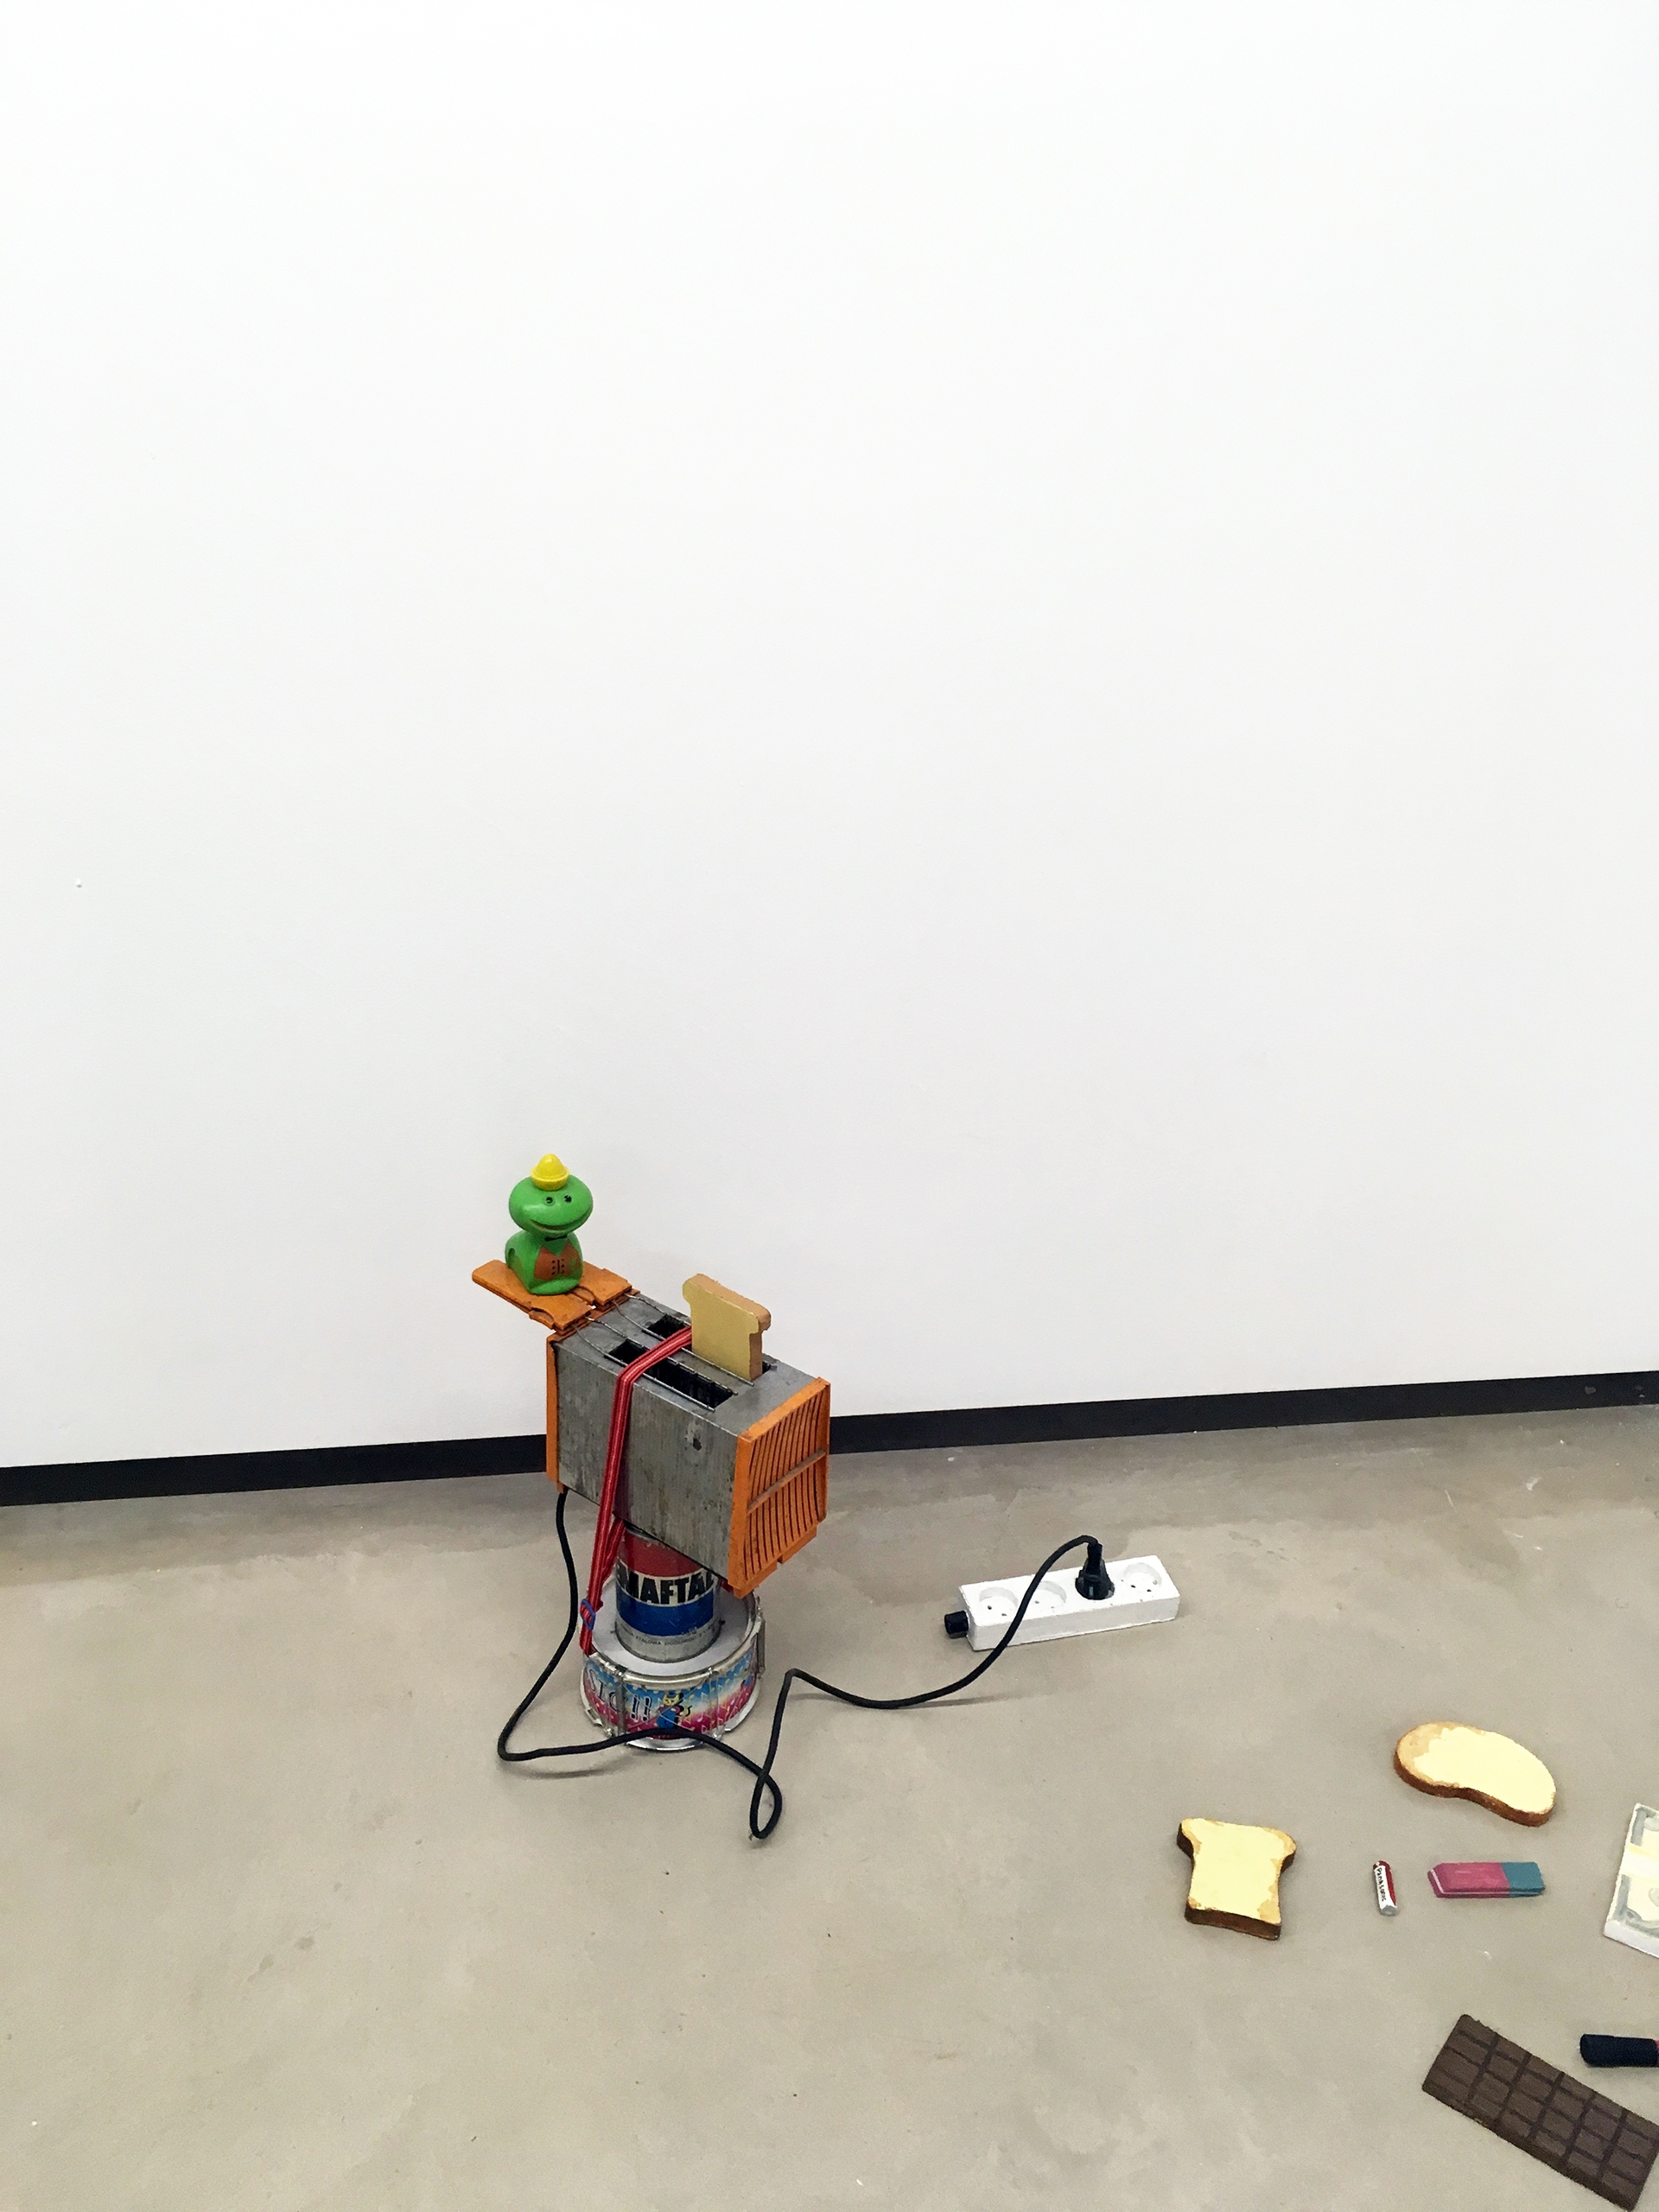 Zdjęcie przedstawia różne przedmioty ułożone obok siebie na podłodze, wszystko na tle białej ściany.